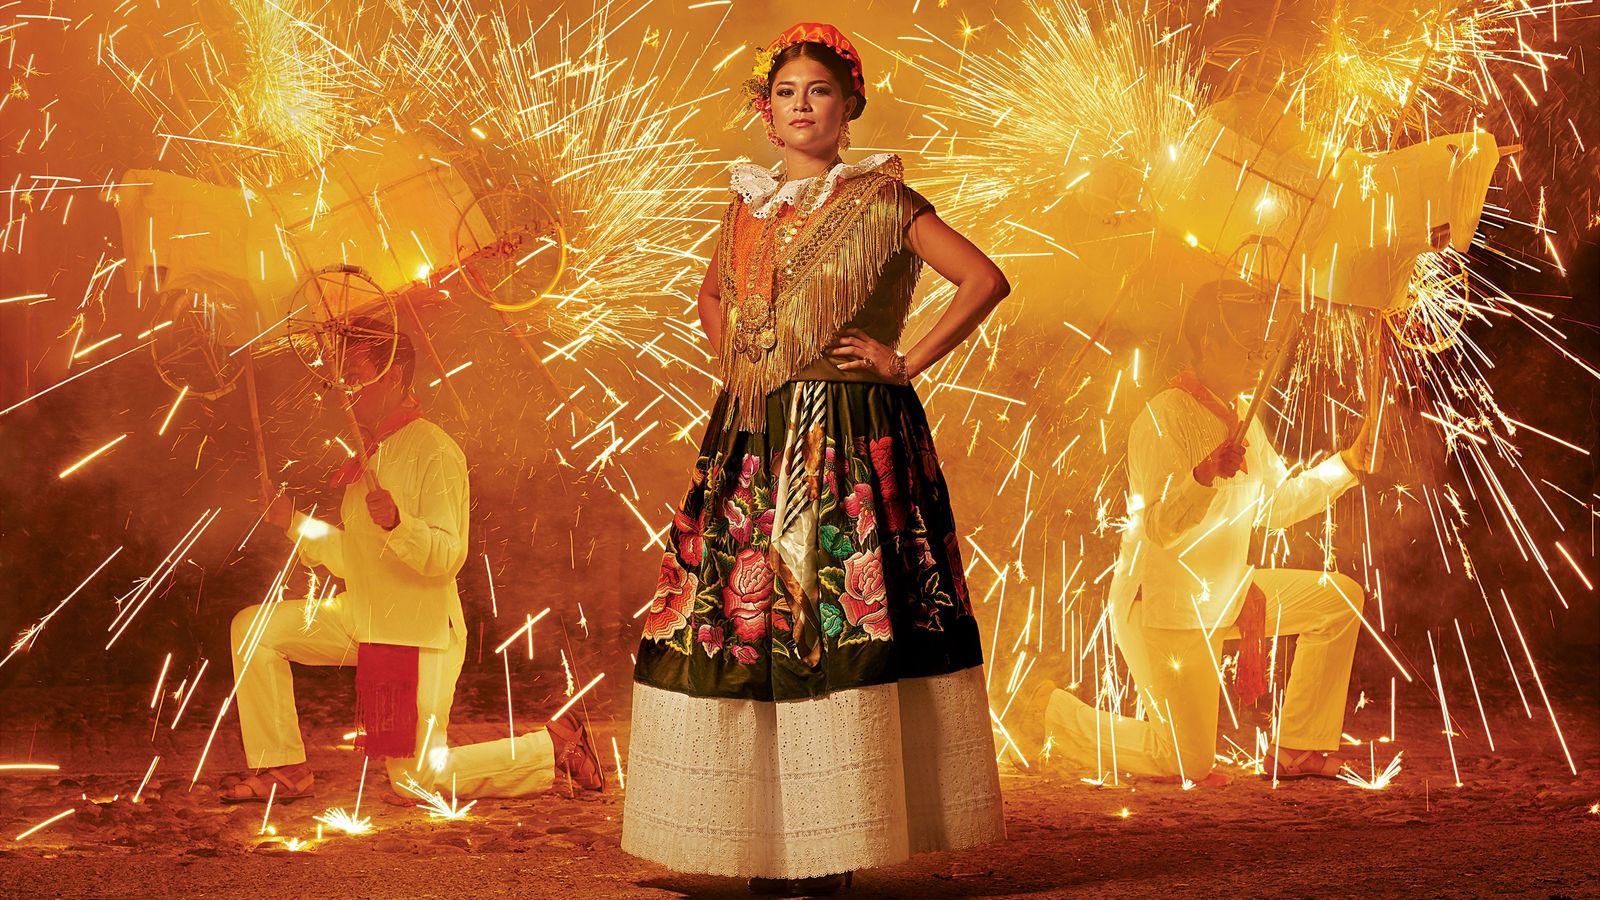 Una mujer con un vestido tradicional de Tehuana